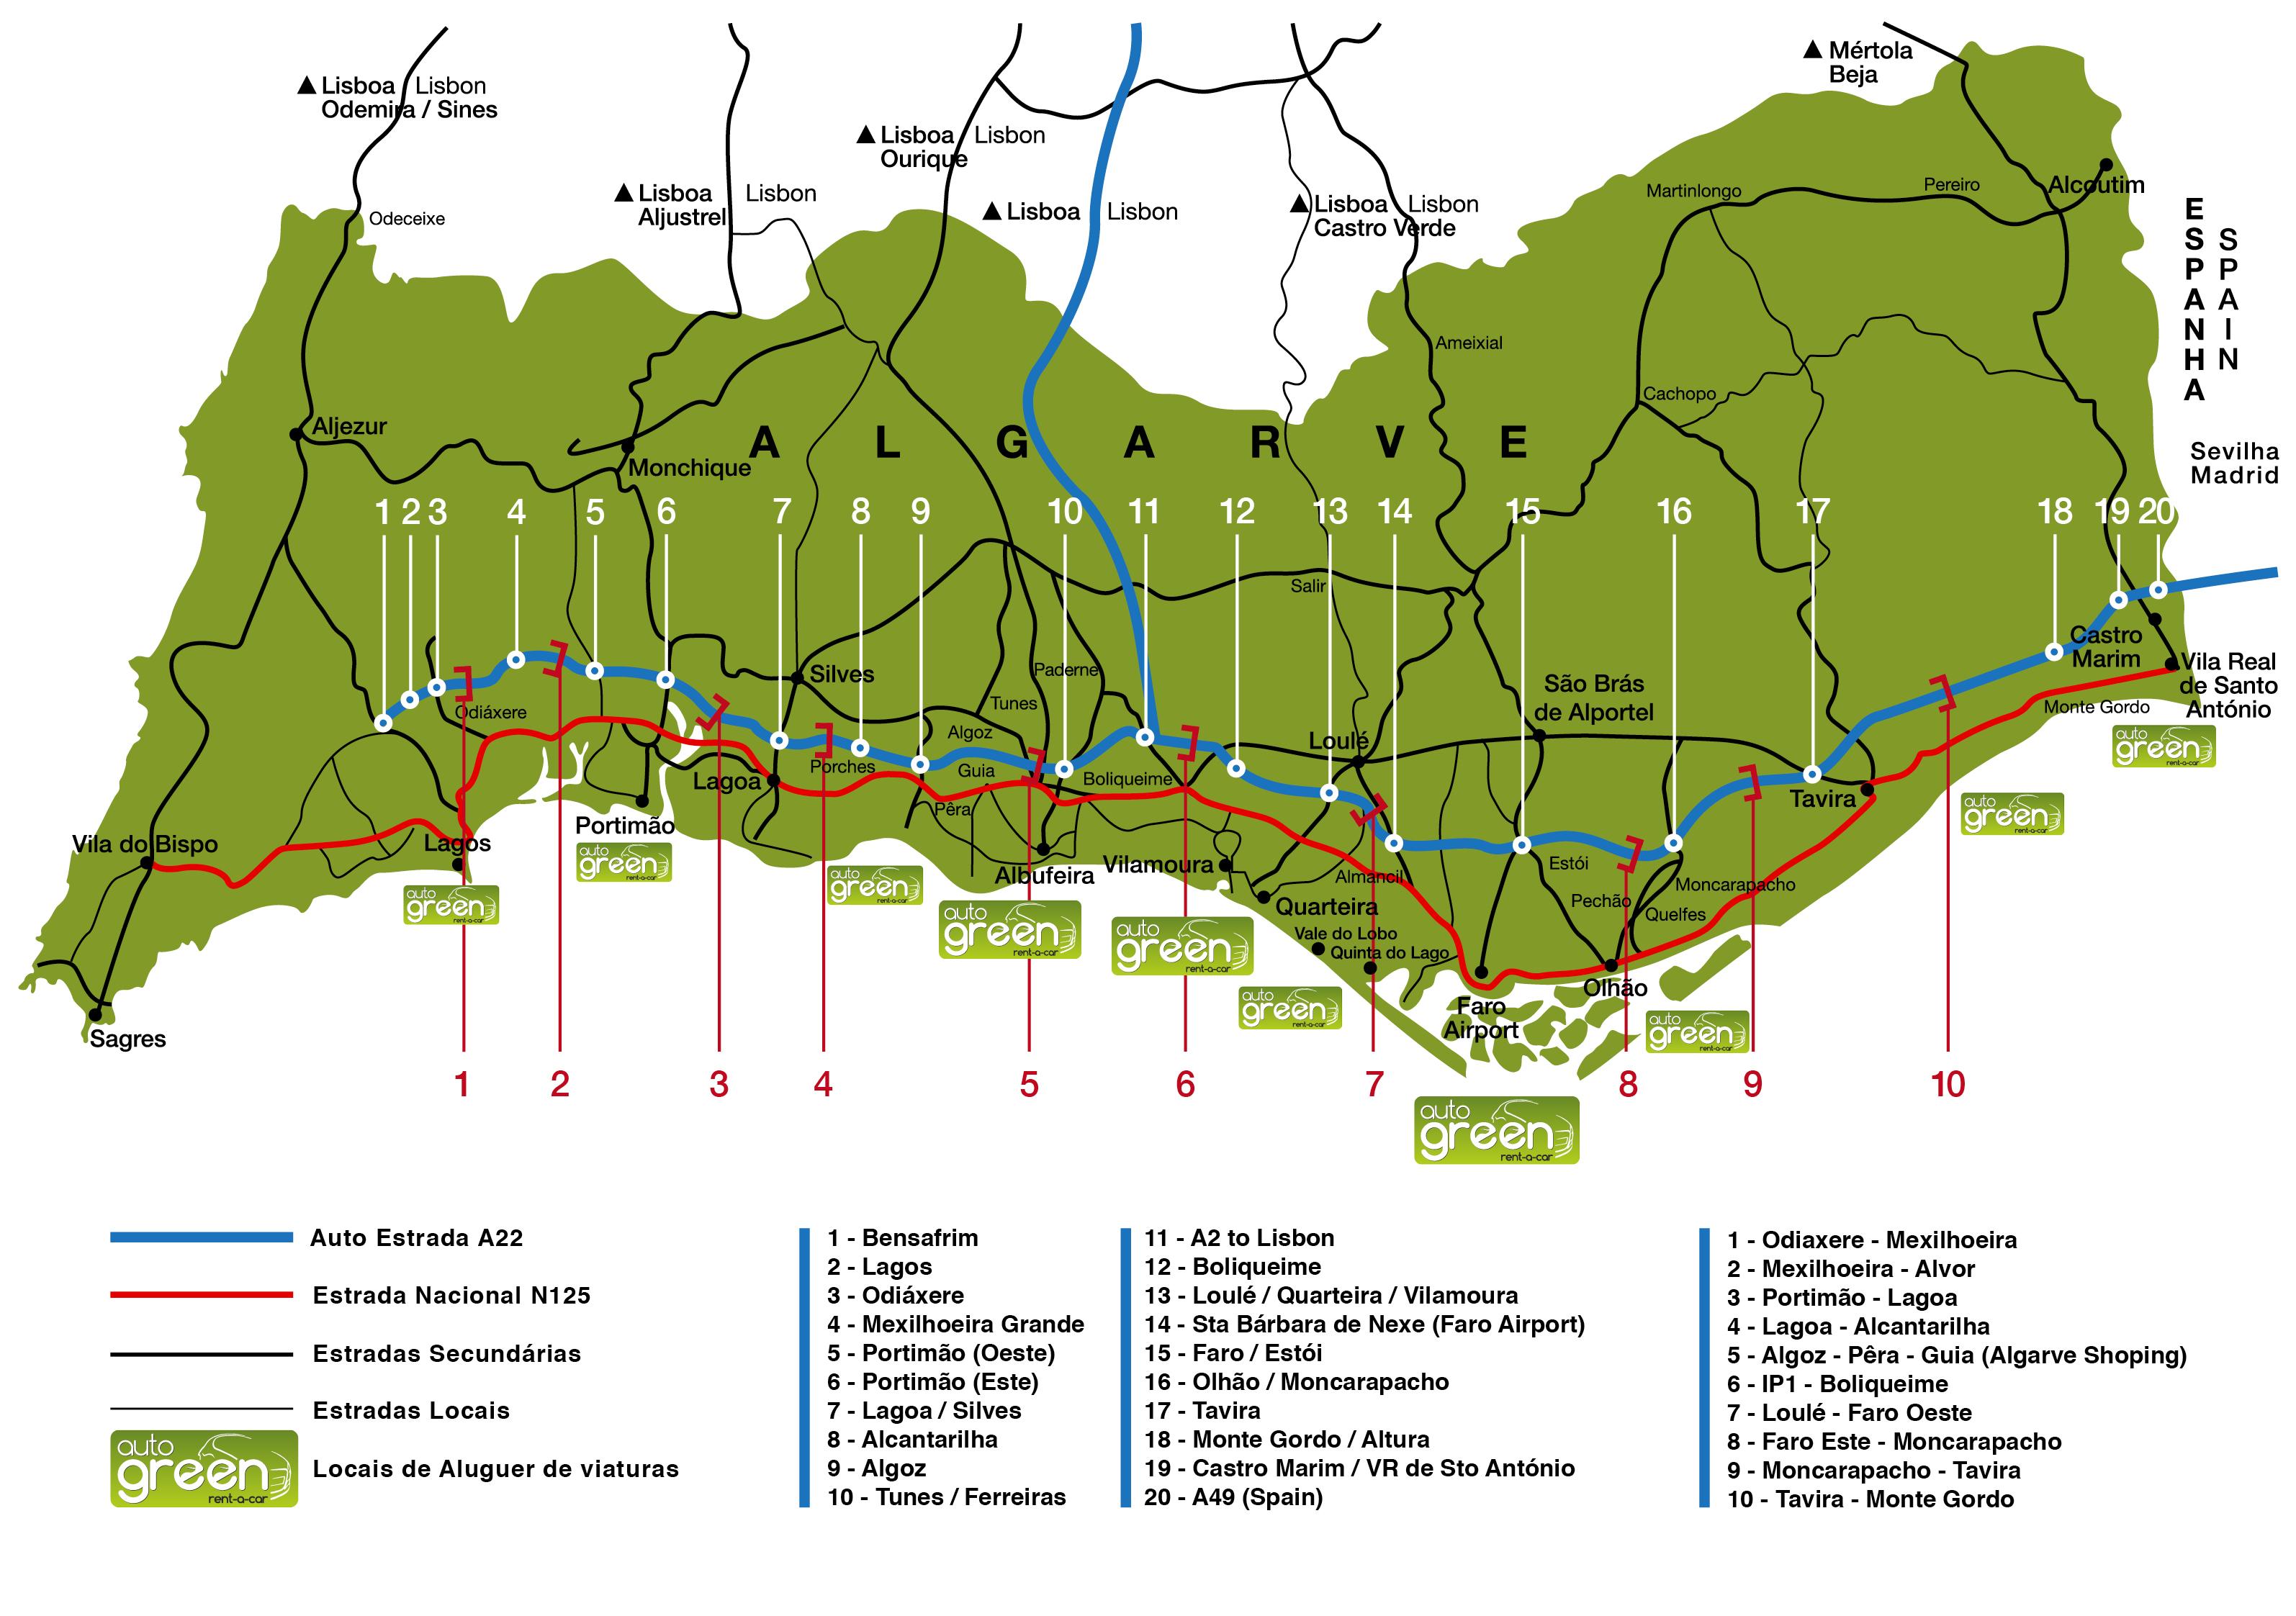 mapa de estradas algarve Auto Green   Auto Estrada A22 / Estrada Nacional EN125   Algarve mapa de estradas algarve